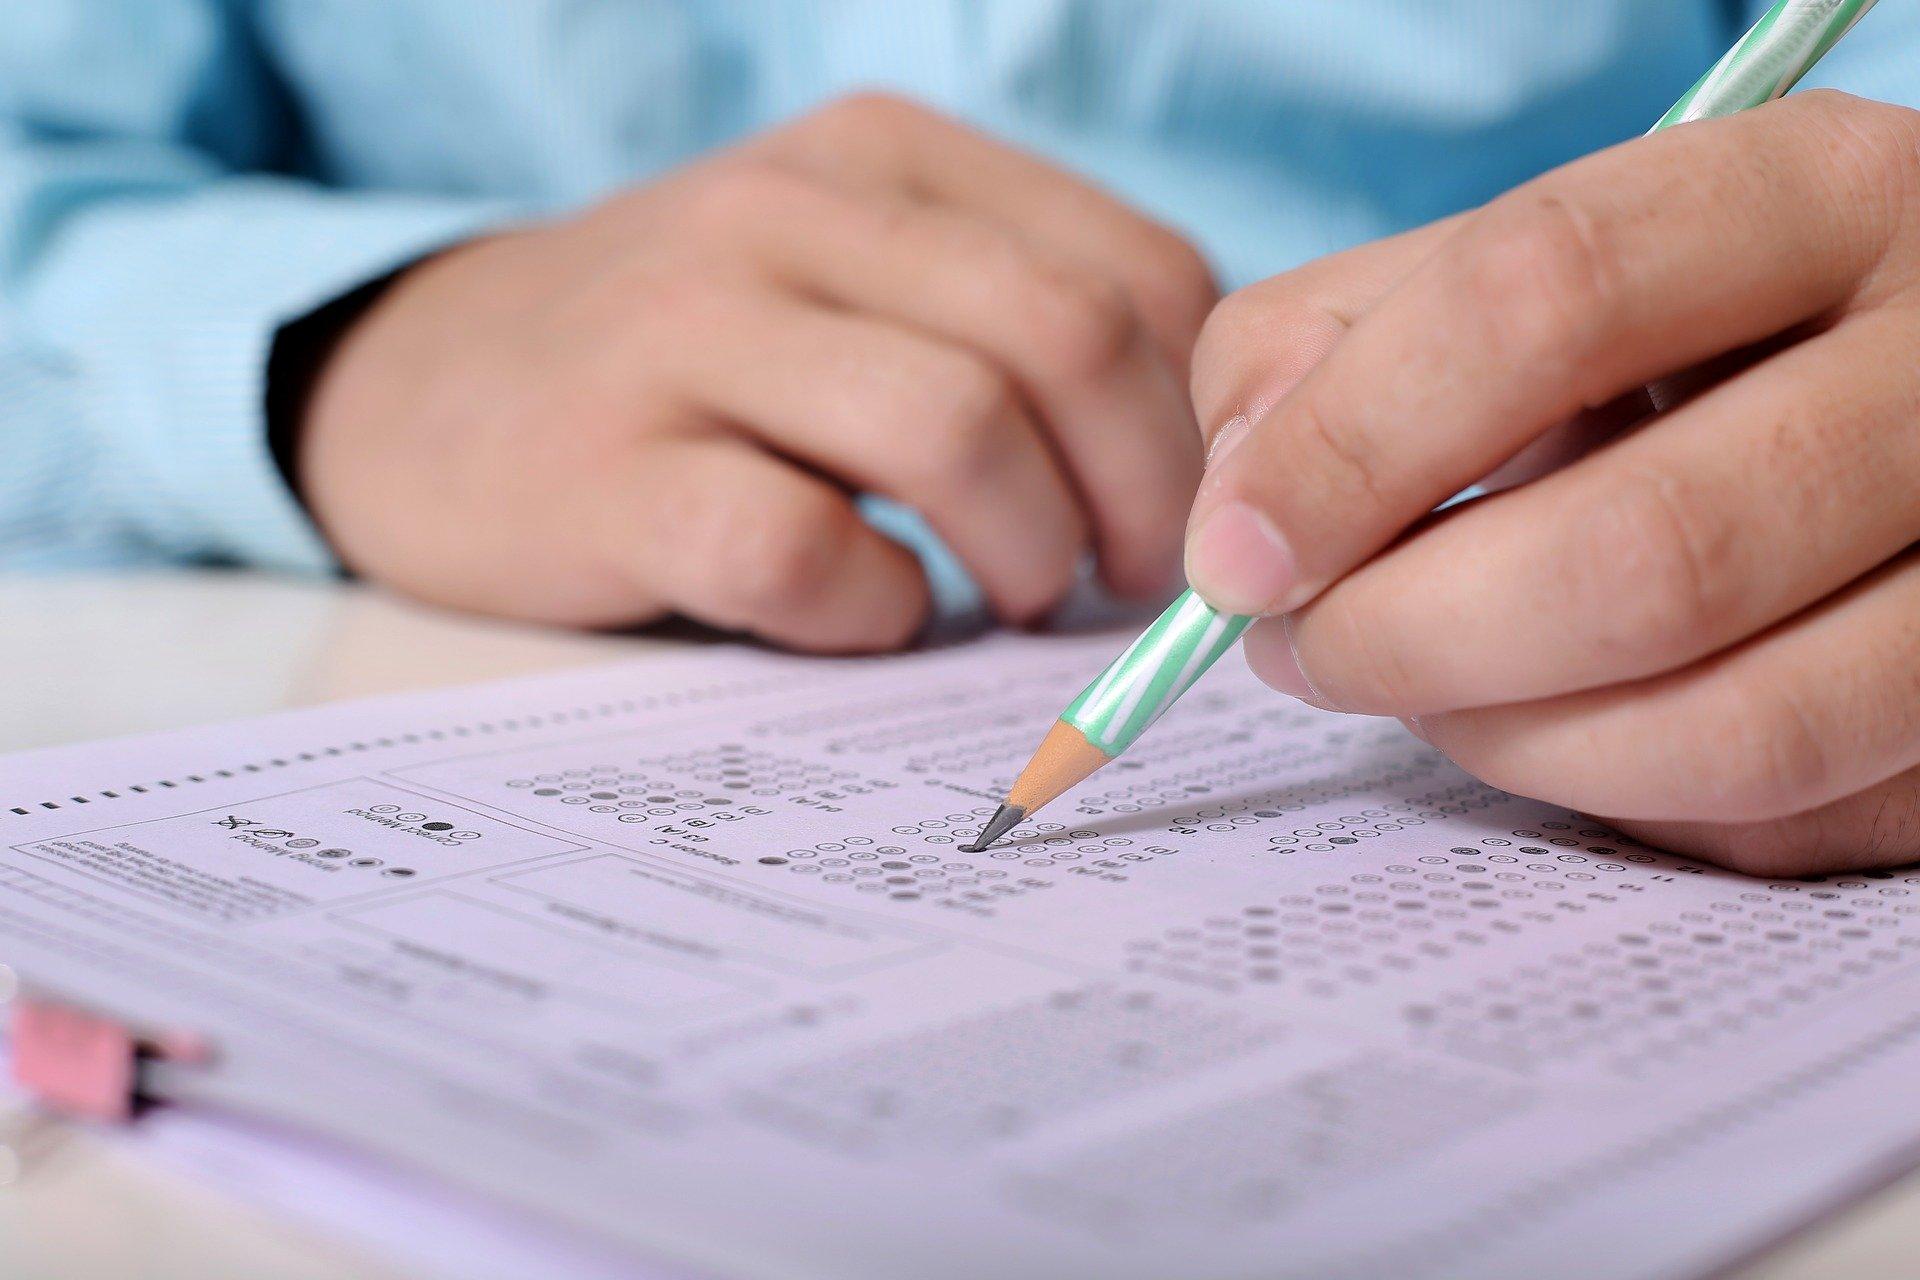 egzamin matura stock - Pixabay